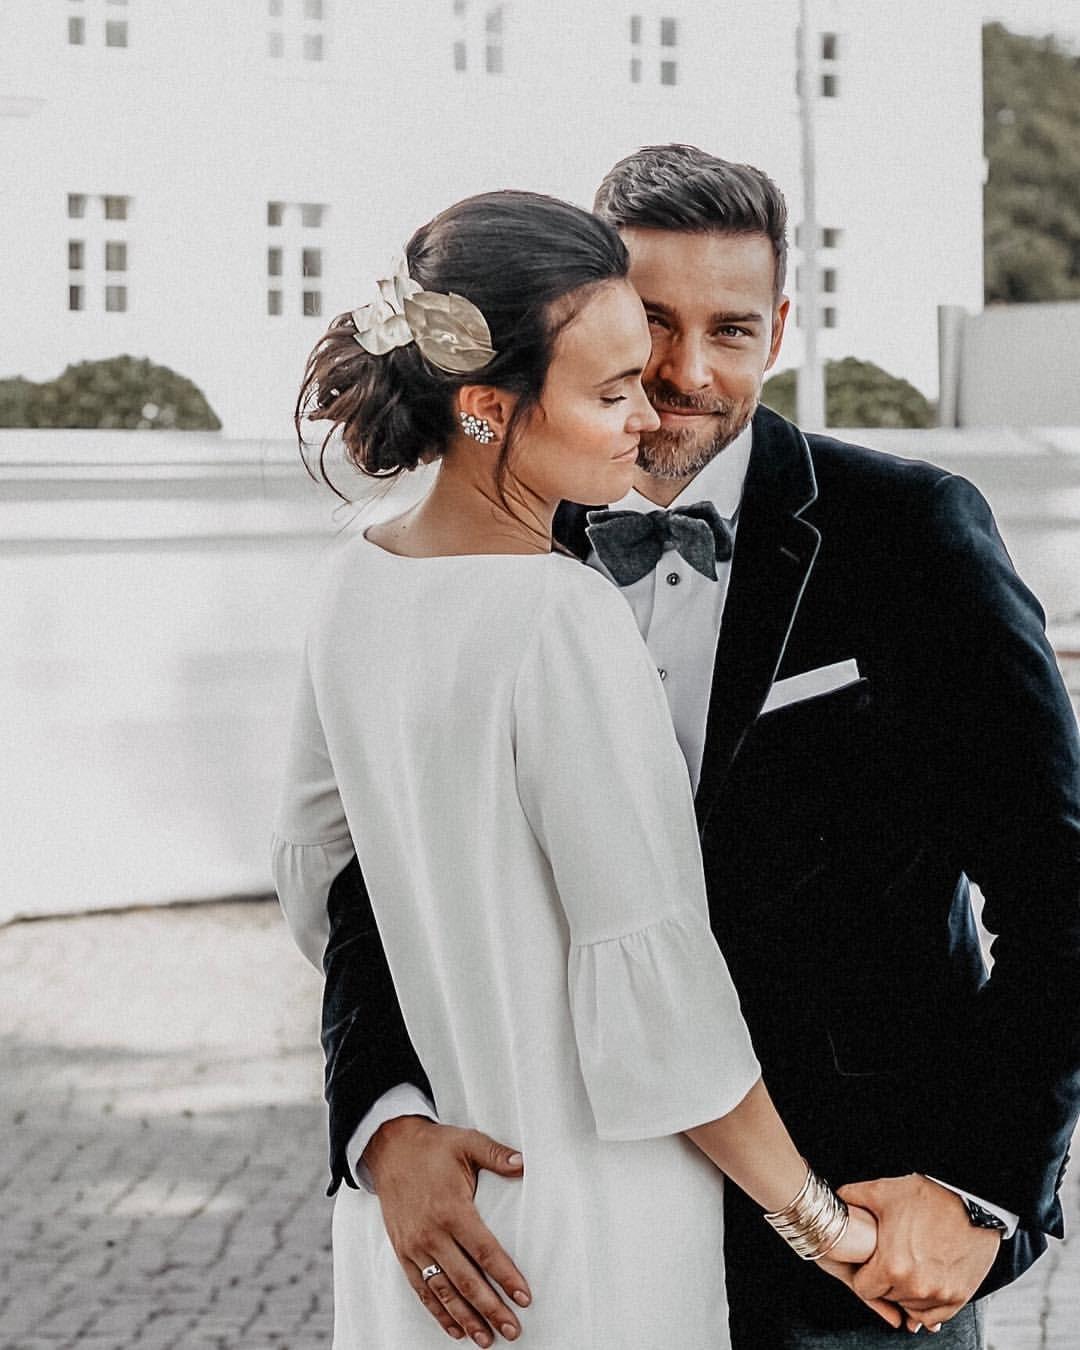 Verkündung Heimliche Hochzeit